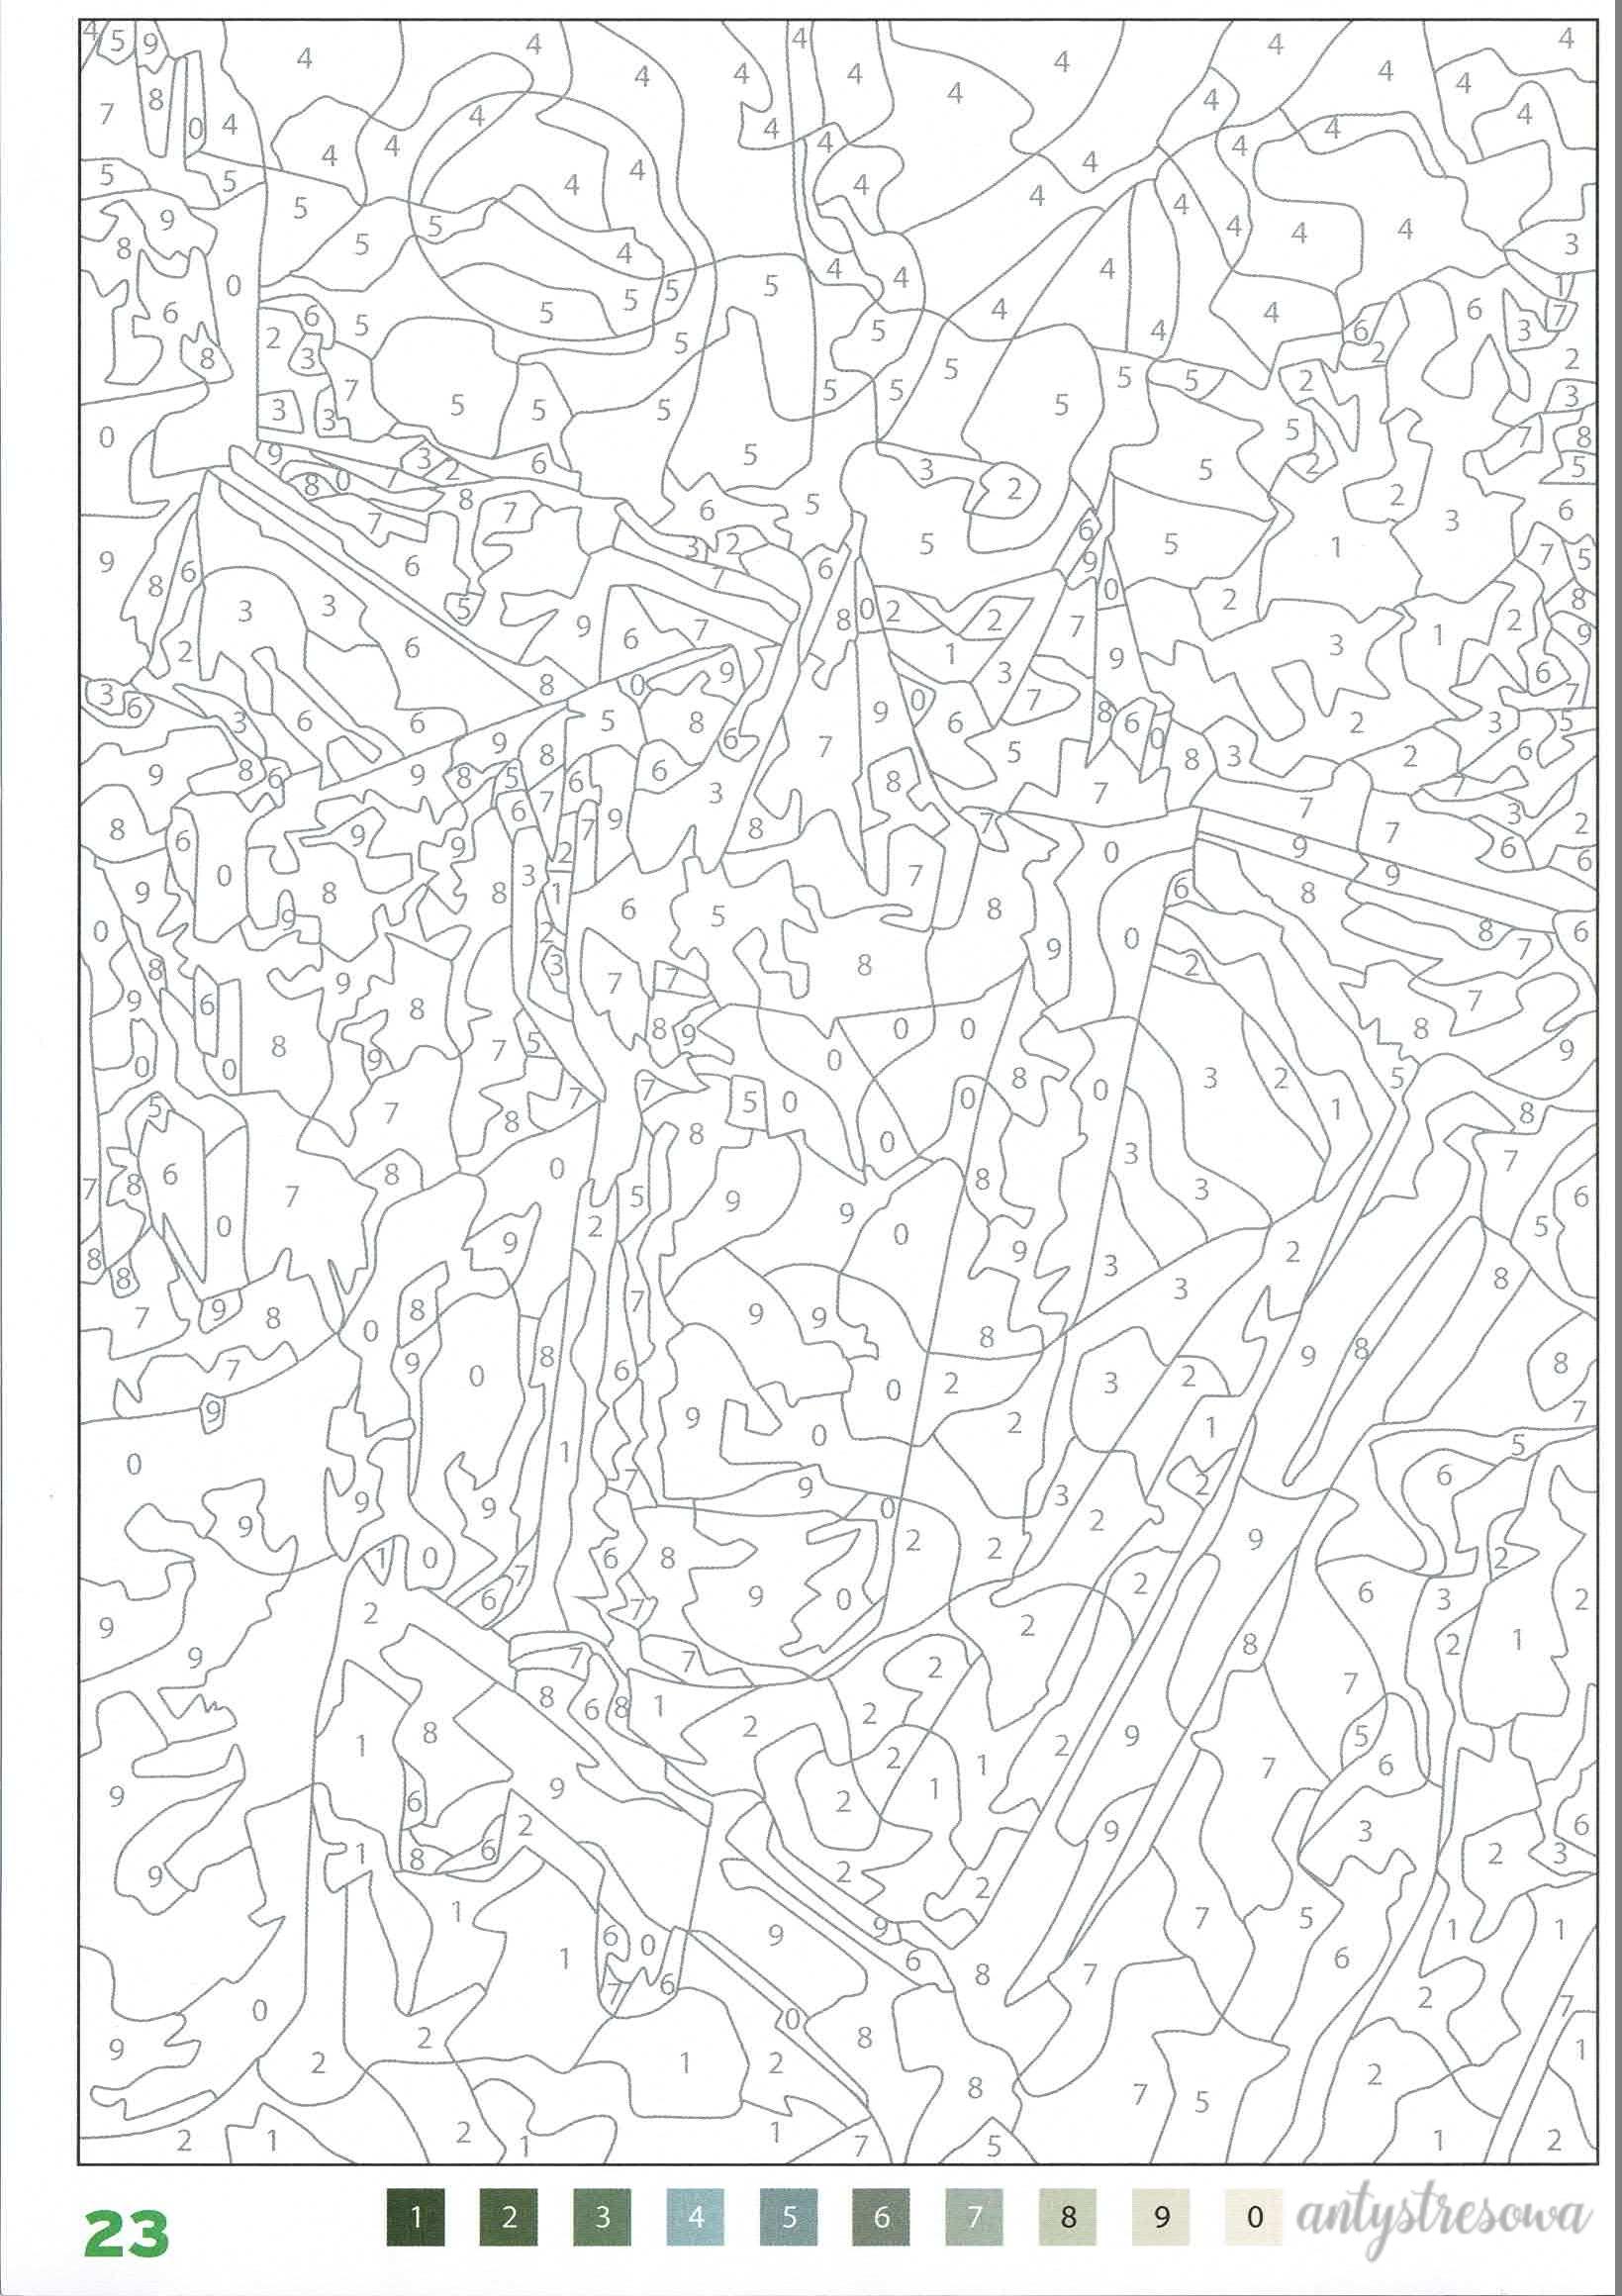 100 Coloriages mystéres - Jérémy Mariez, strona 23